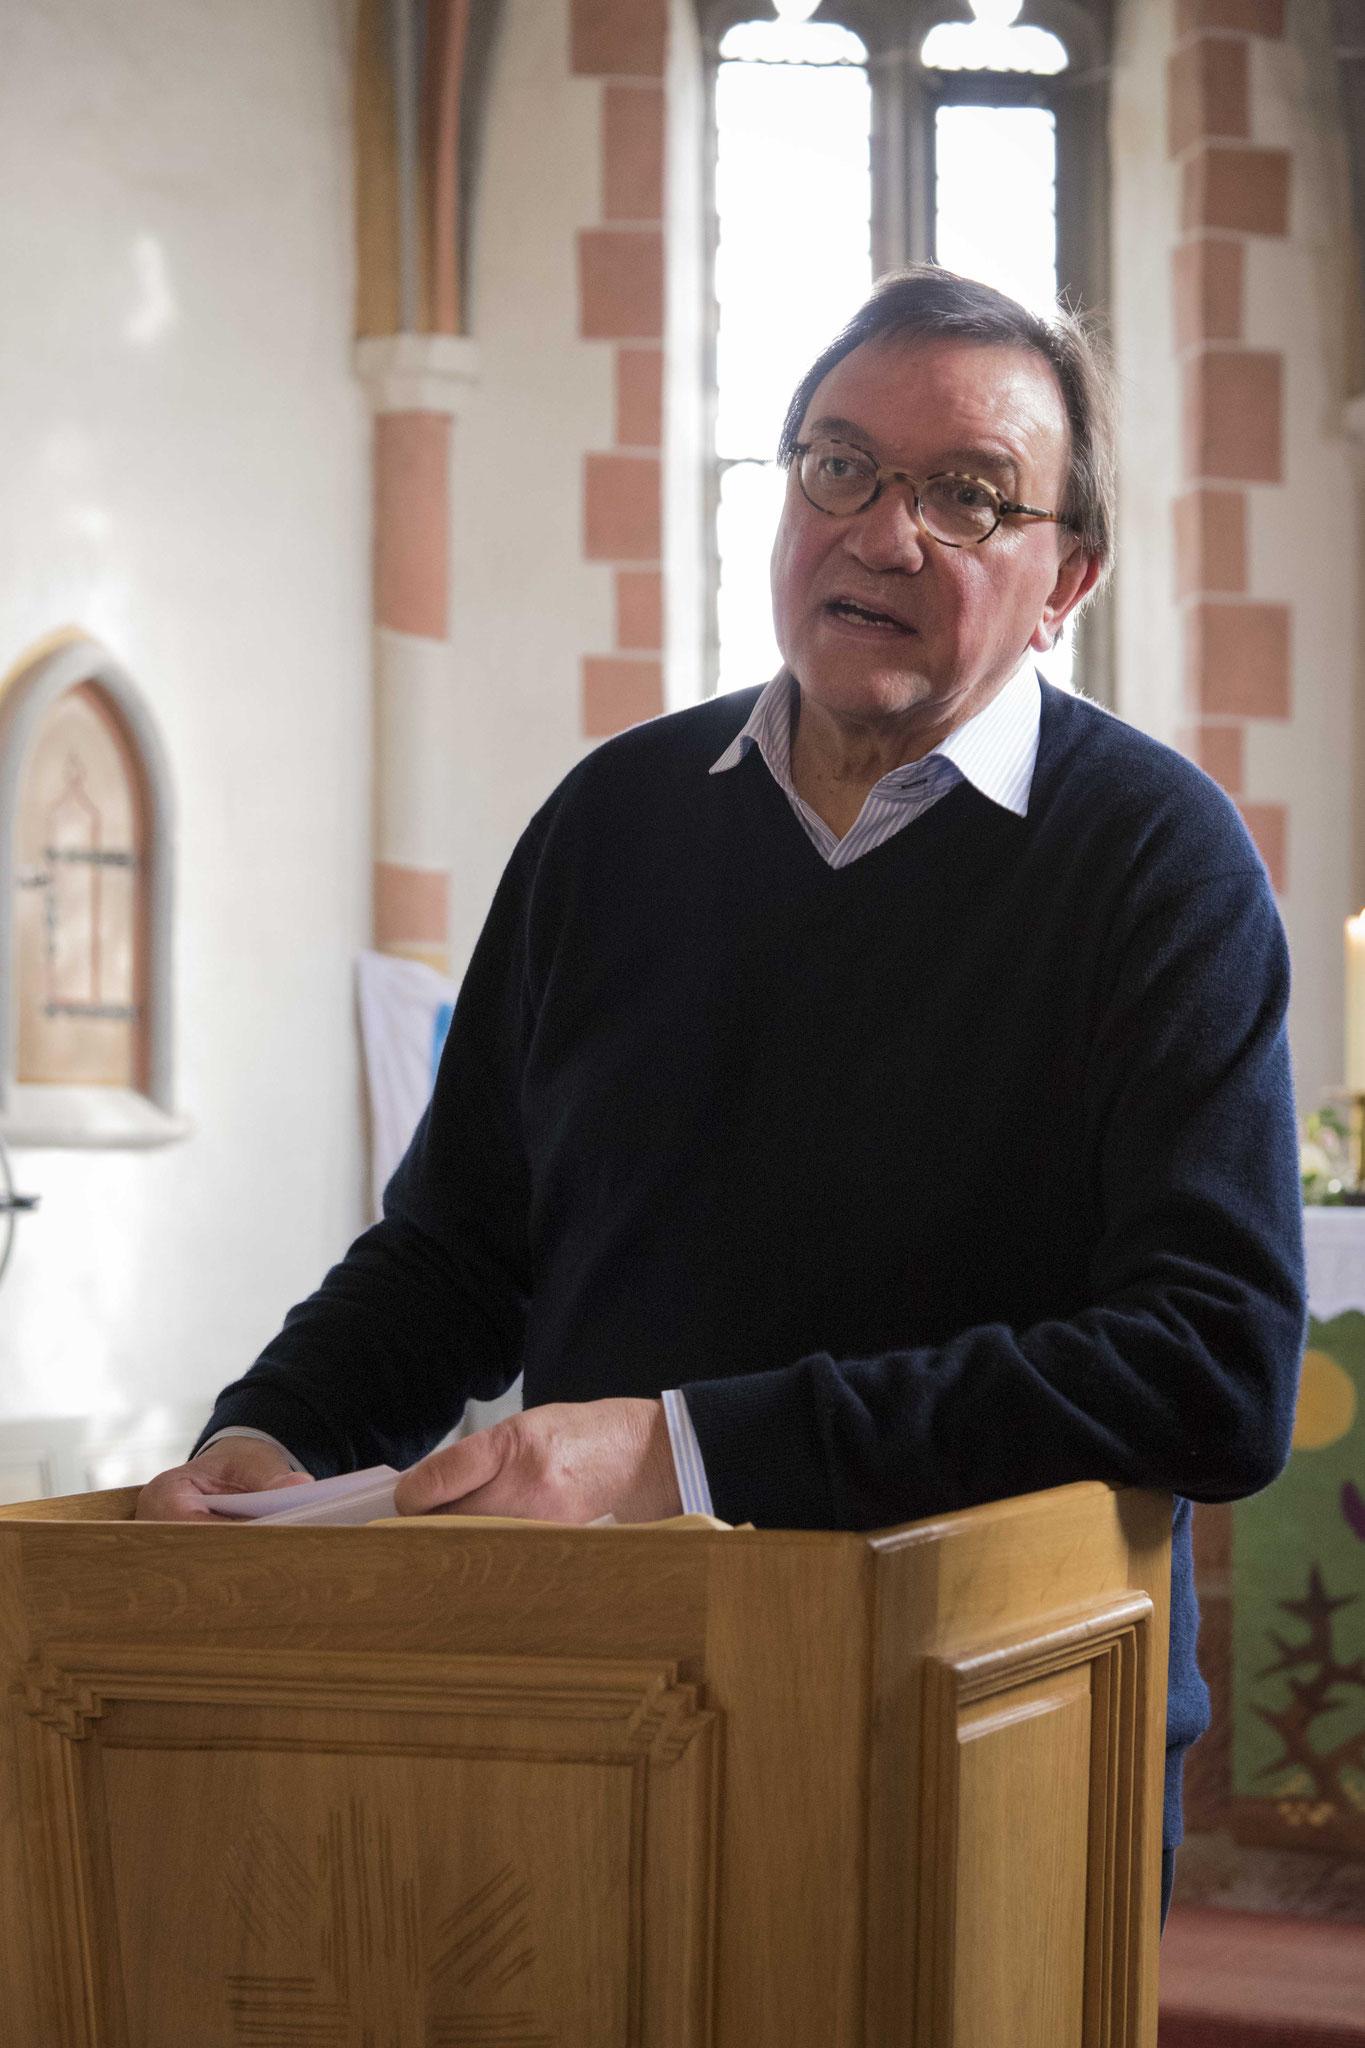 Bischof Martin Hein